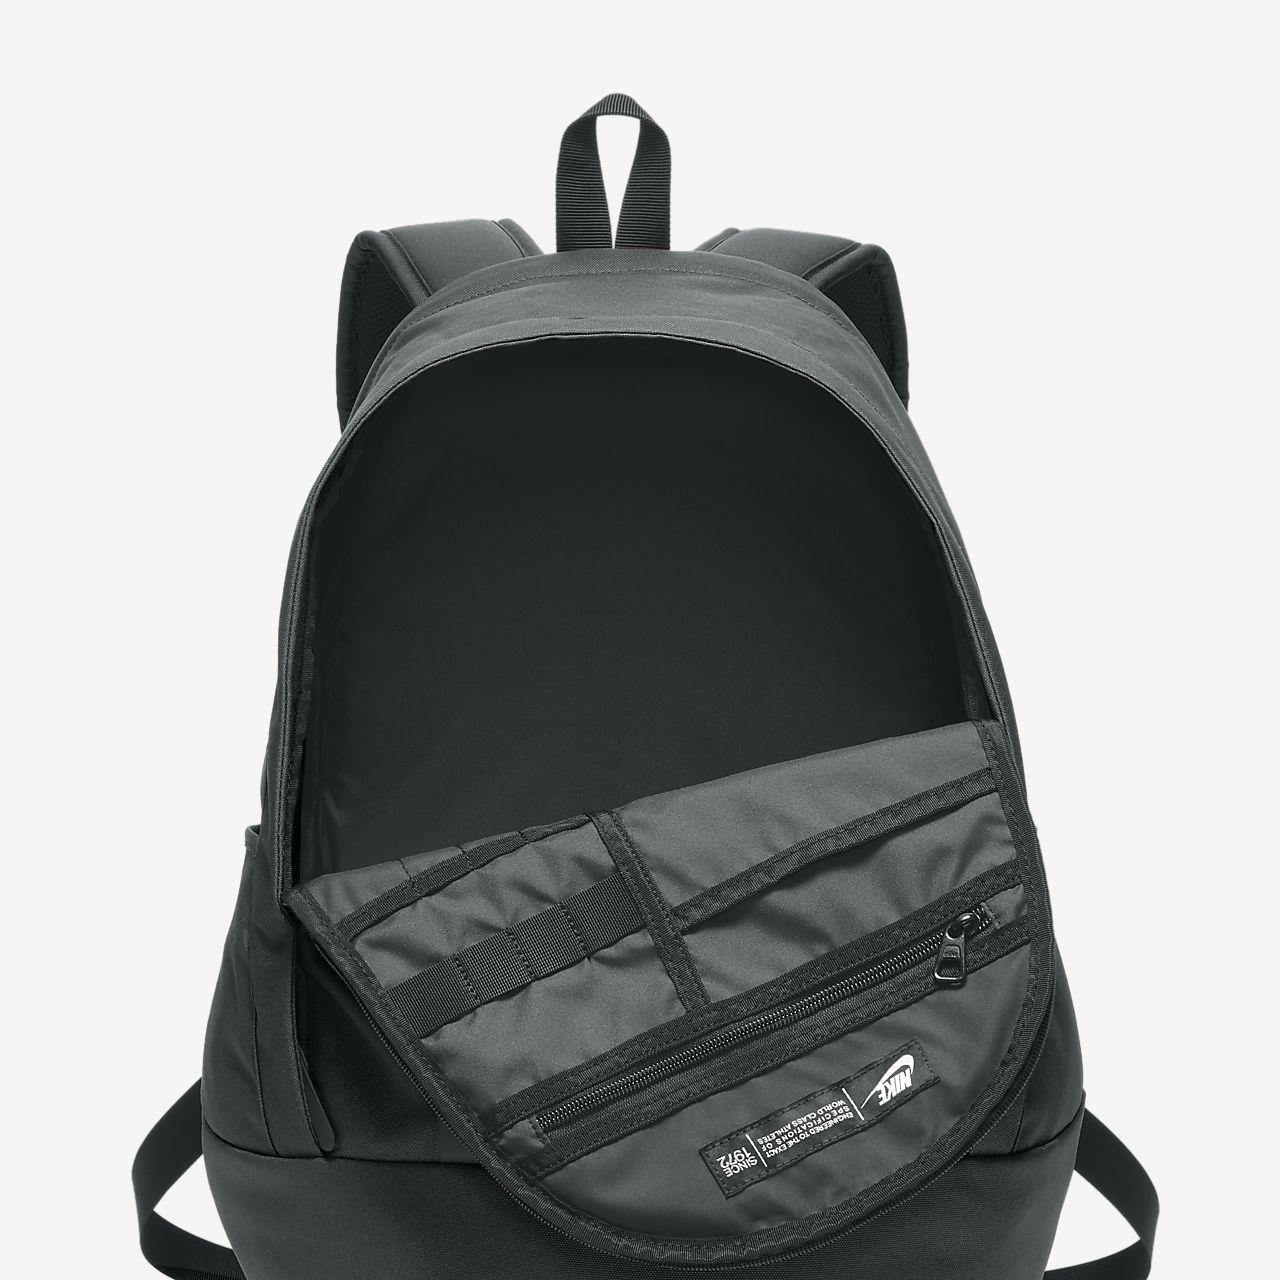 5b4c19fb5a Batoh Nike Sportswear Cheyenne 3.0 Solid. Nike.com CZ